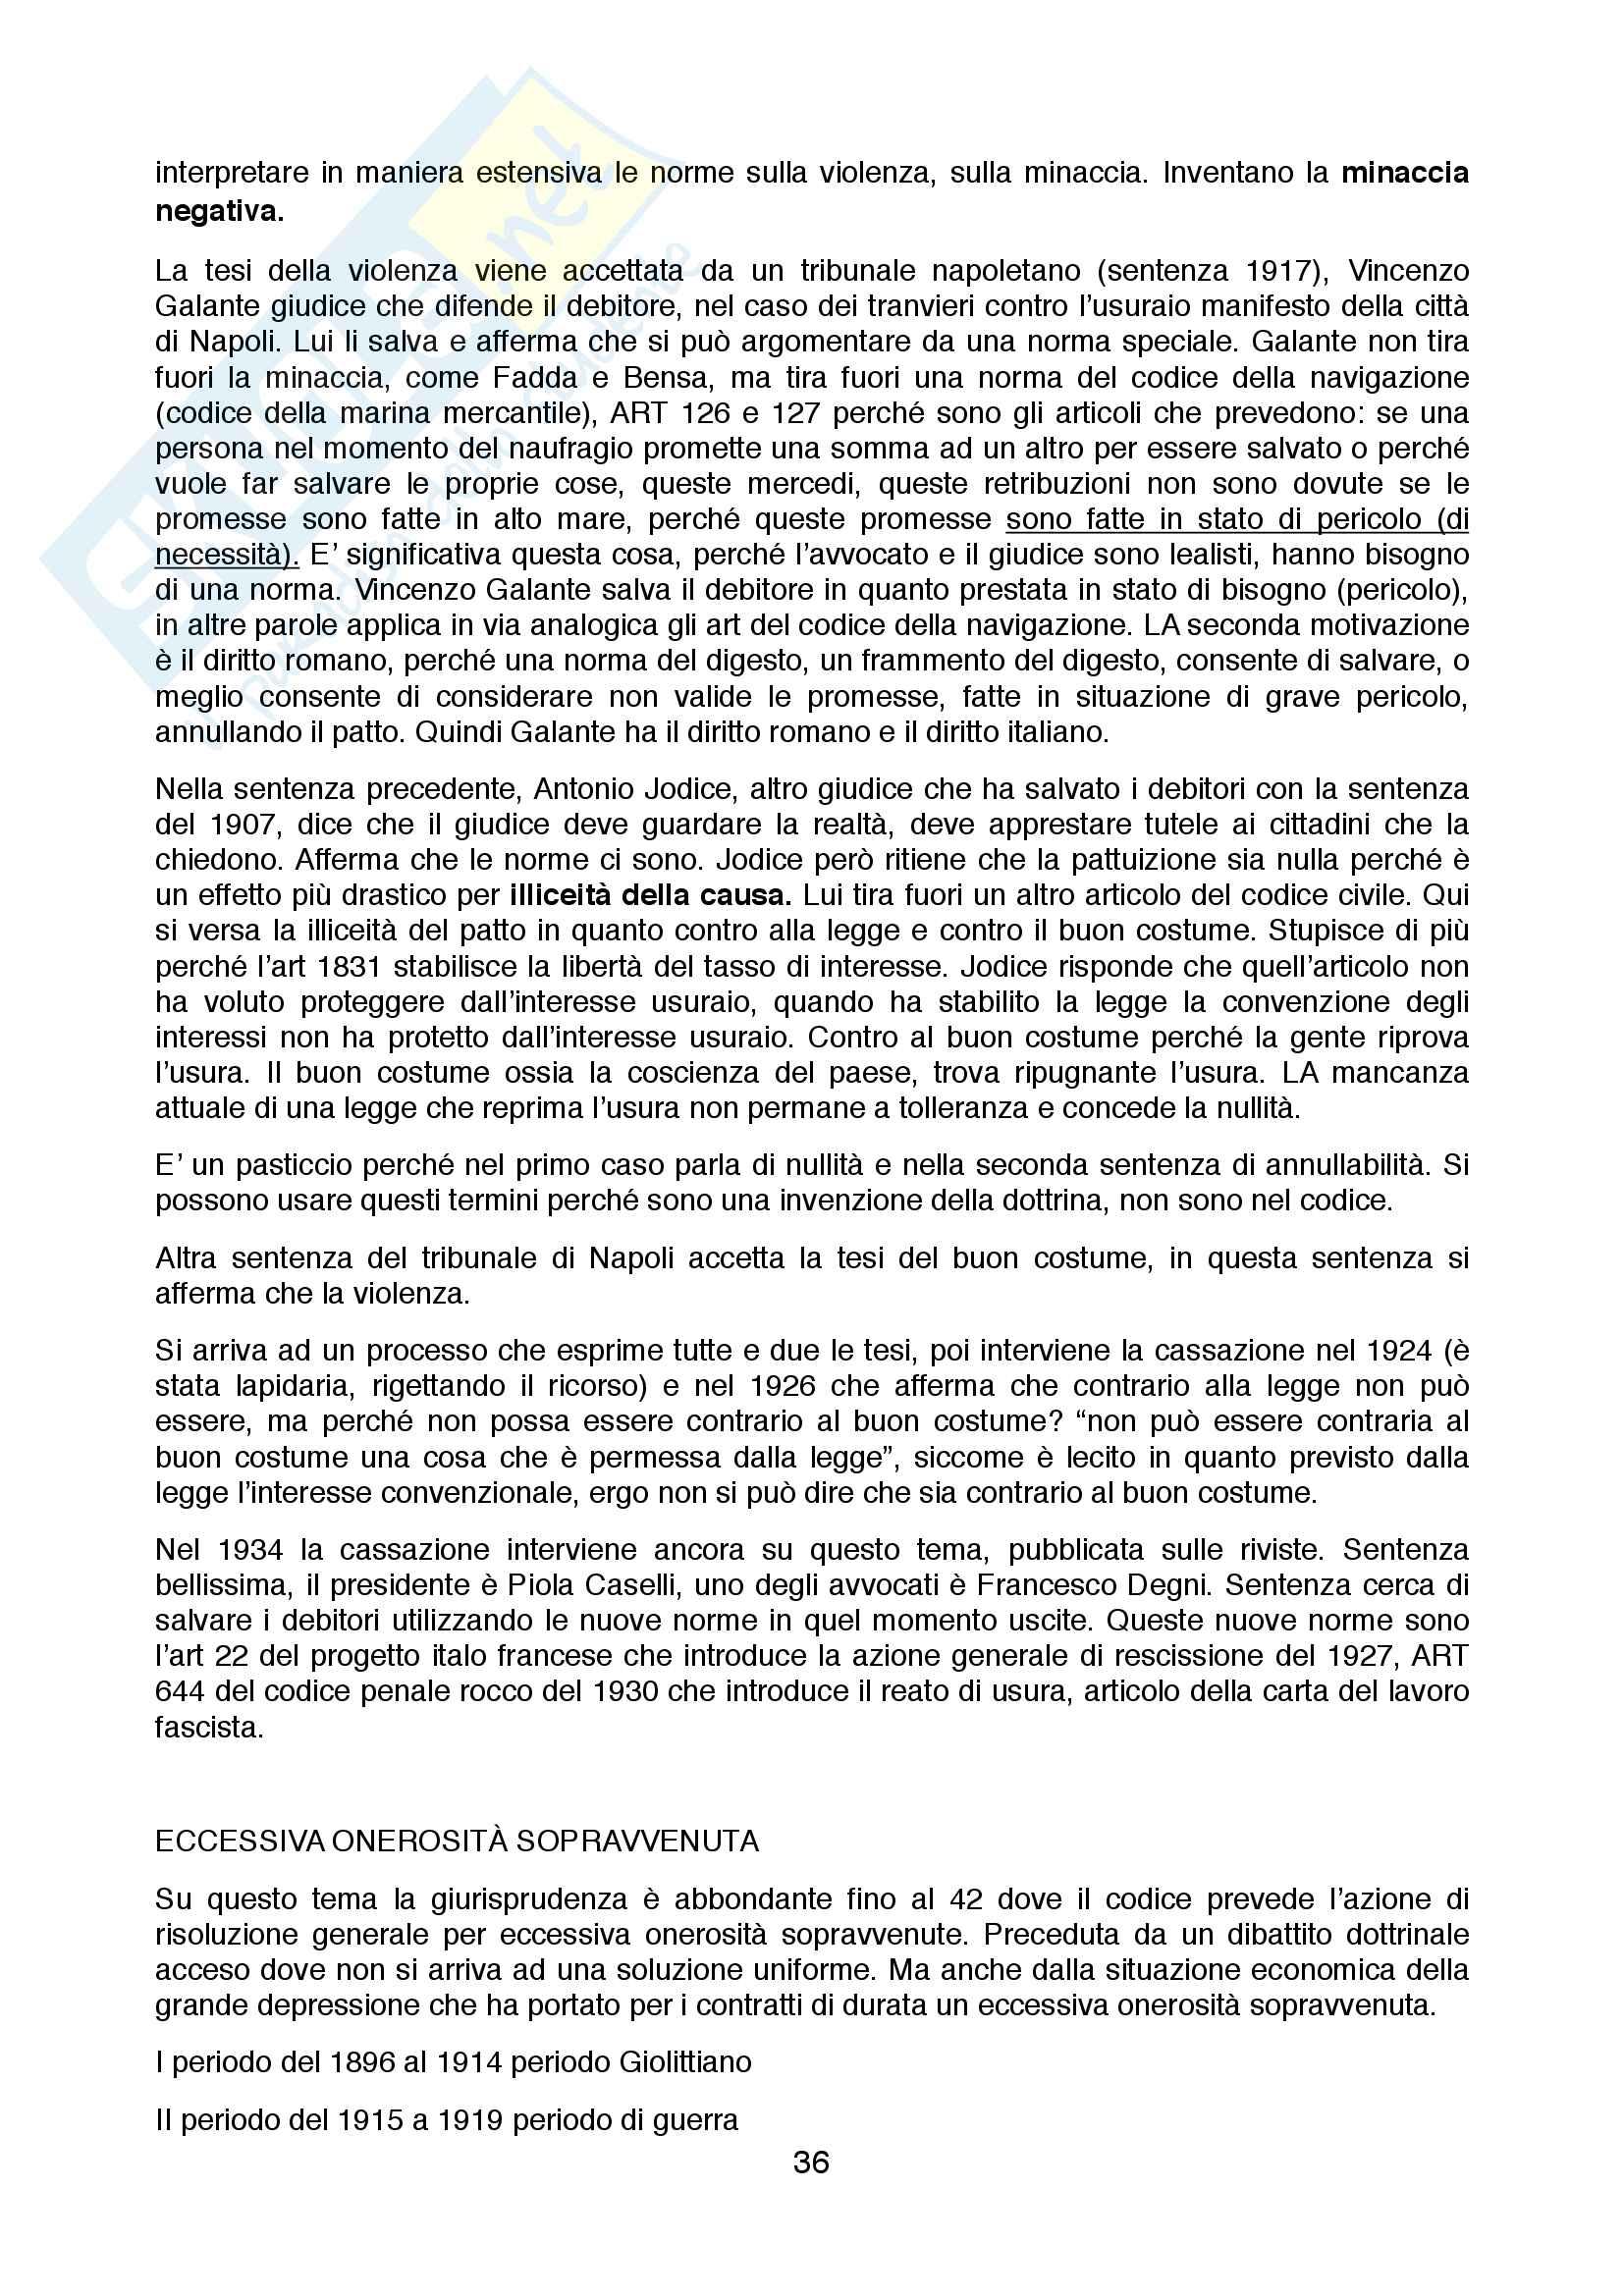 Storia dei contratti e obbligazioni Pag. 36